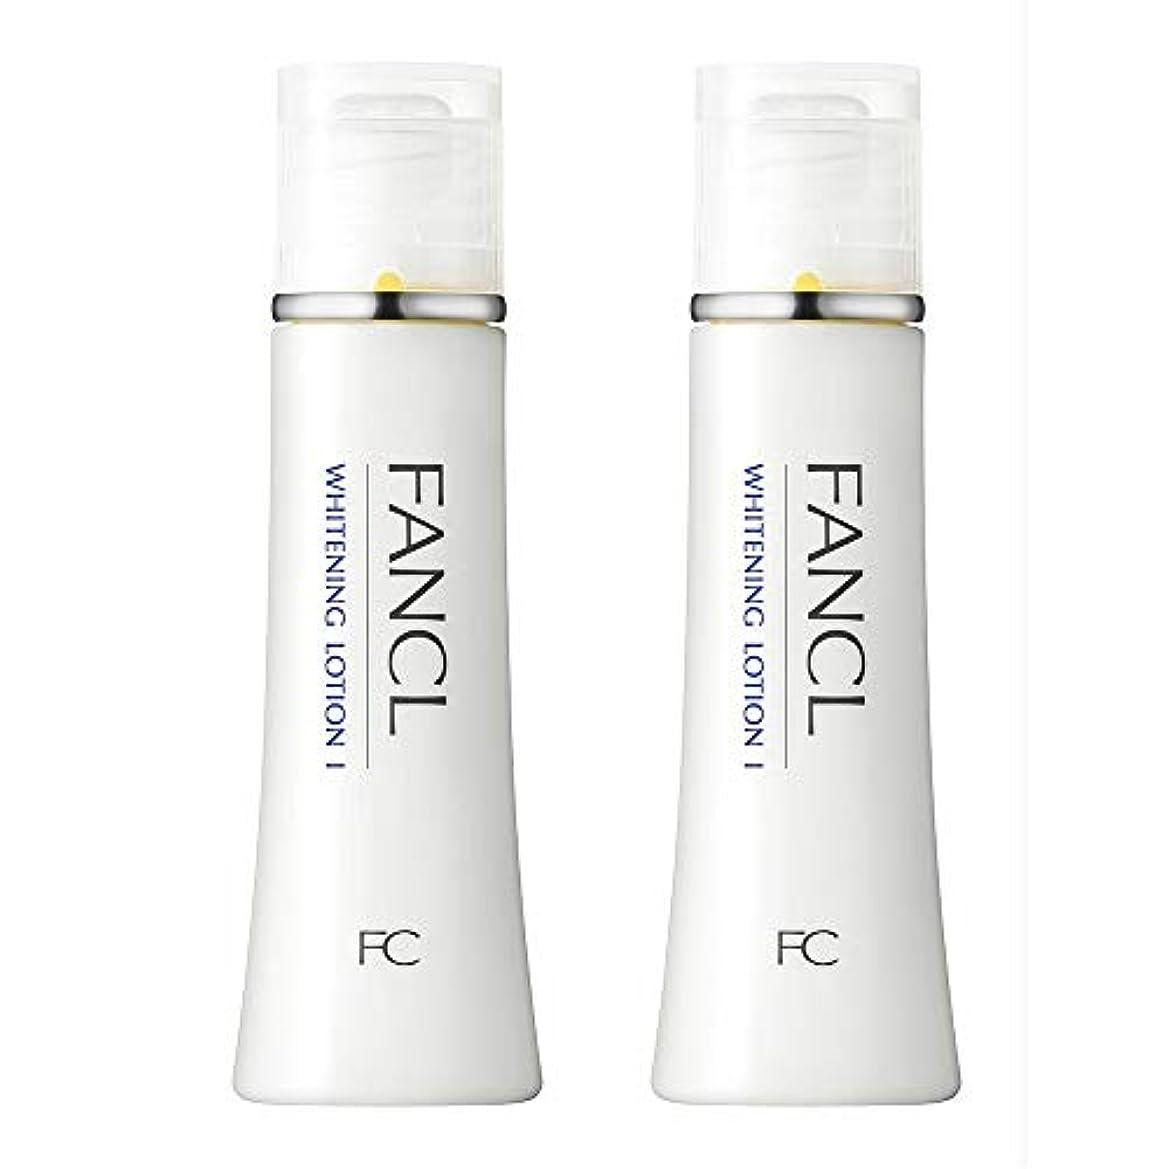 放課後グラフィック学校の先生ファンケル(FANCL) 新ホワイトニング 化粧液 I さっぱり 2本<医薬部外品>